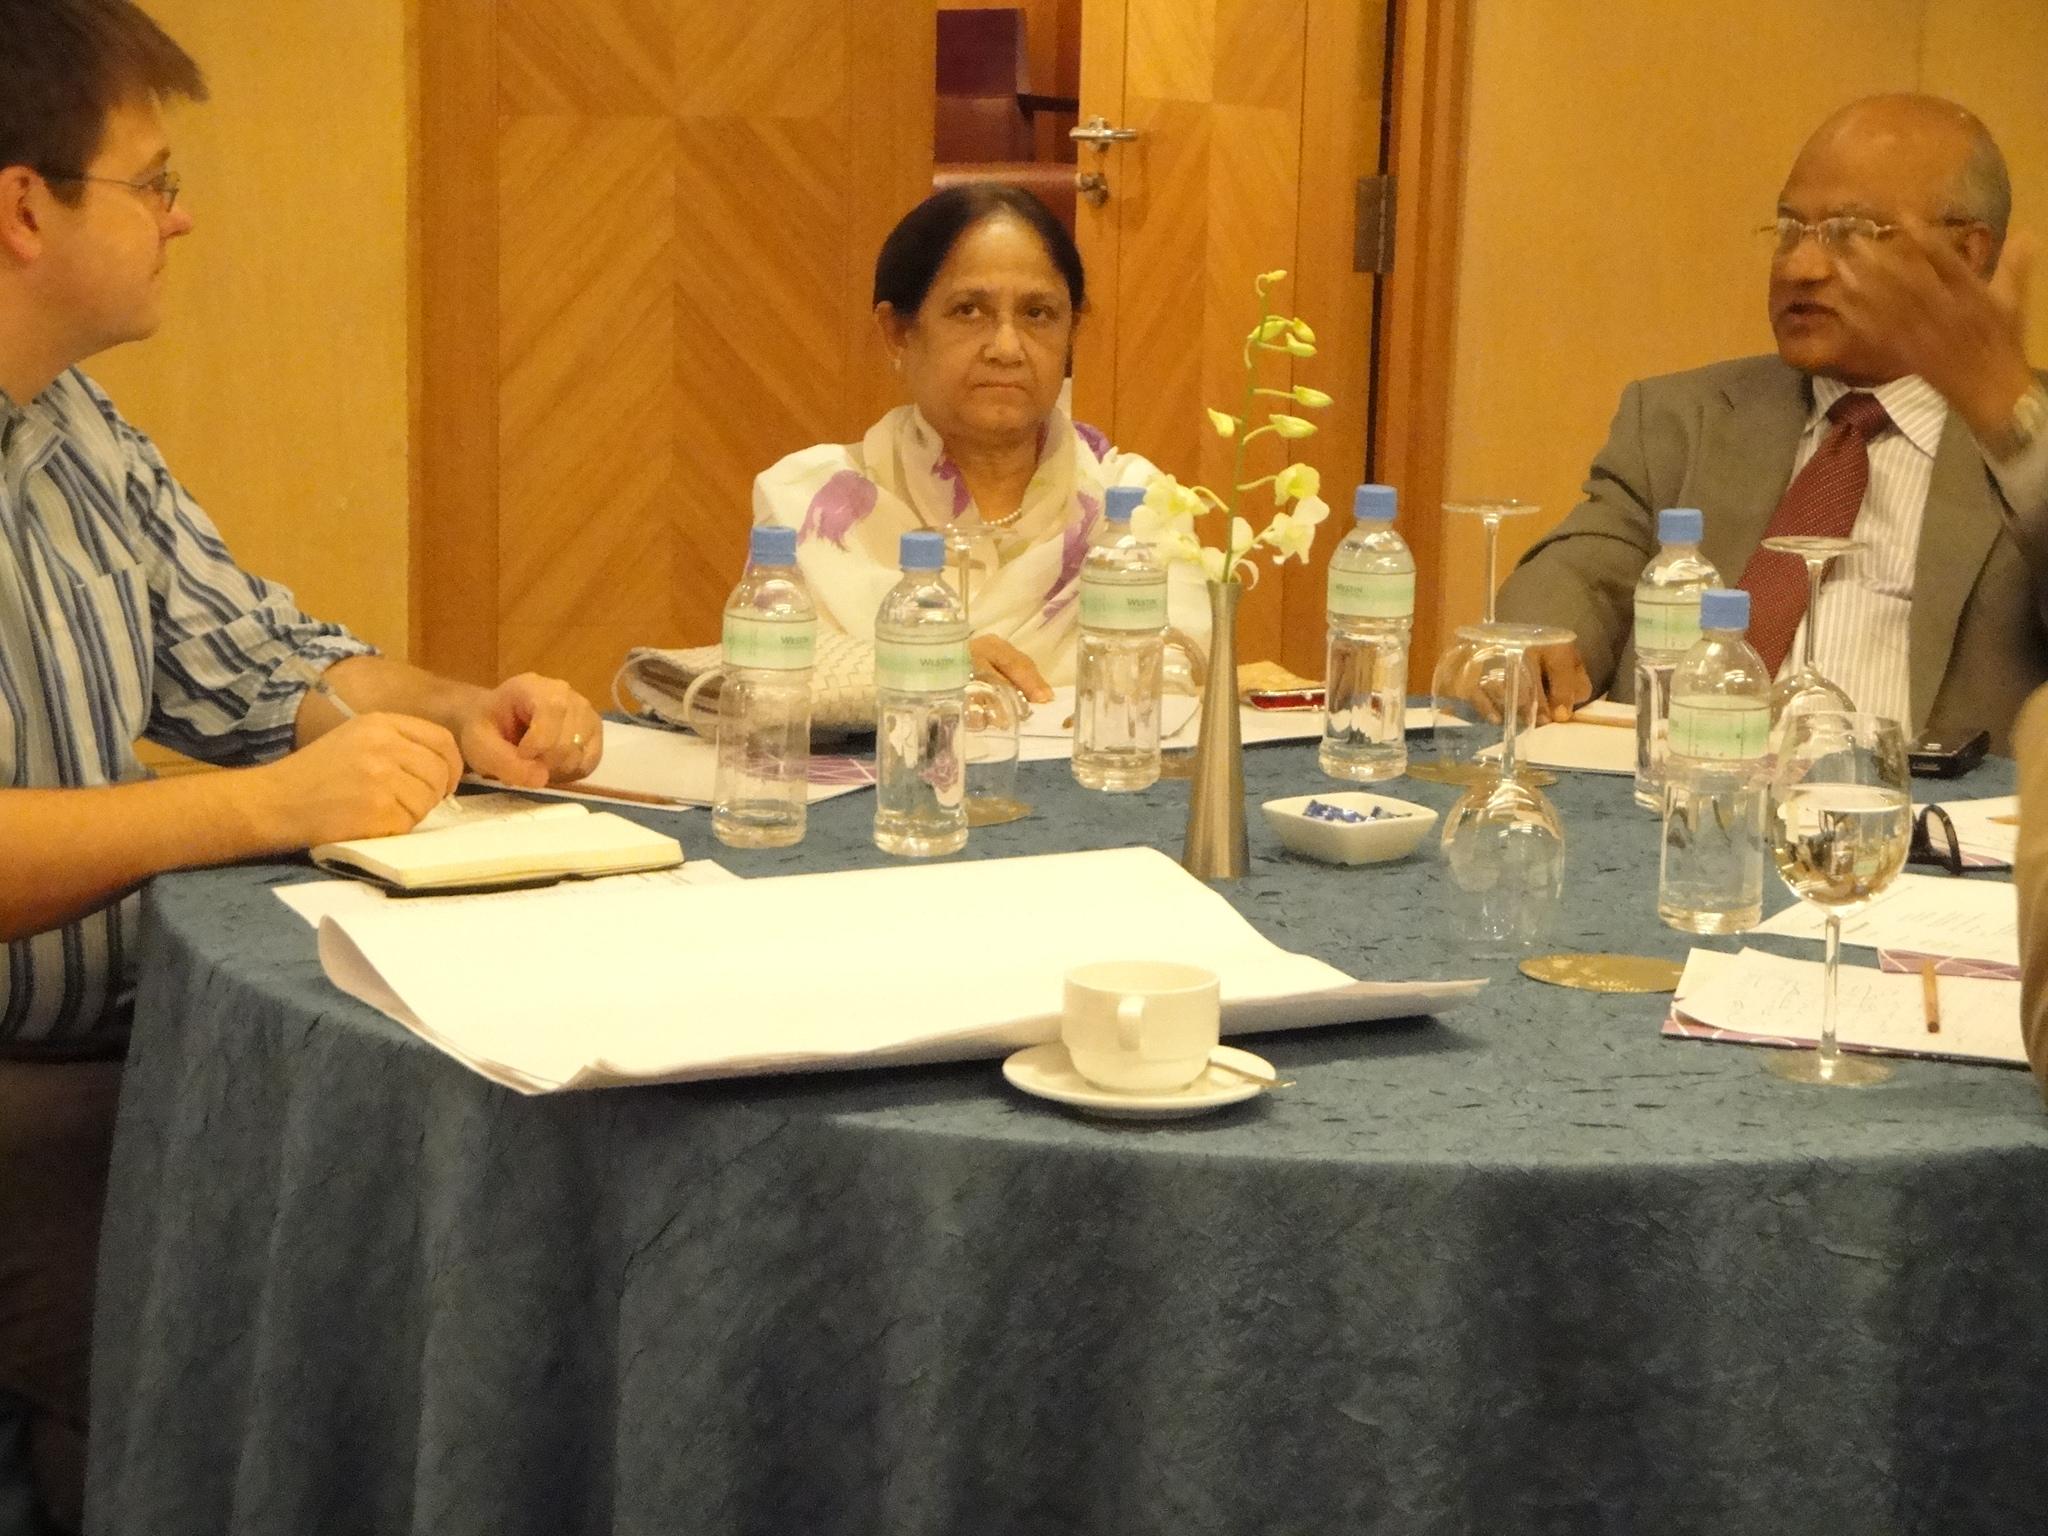 Khandaker Mosharraf Hossain Bnp Wikipedia